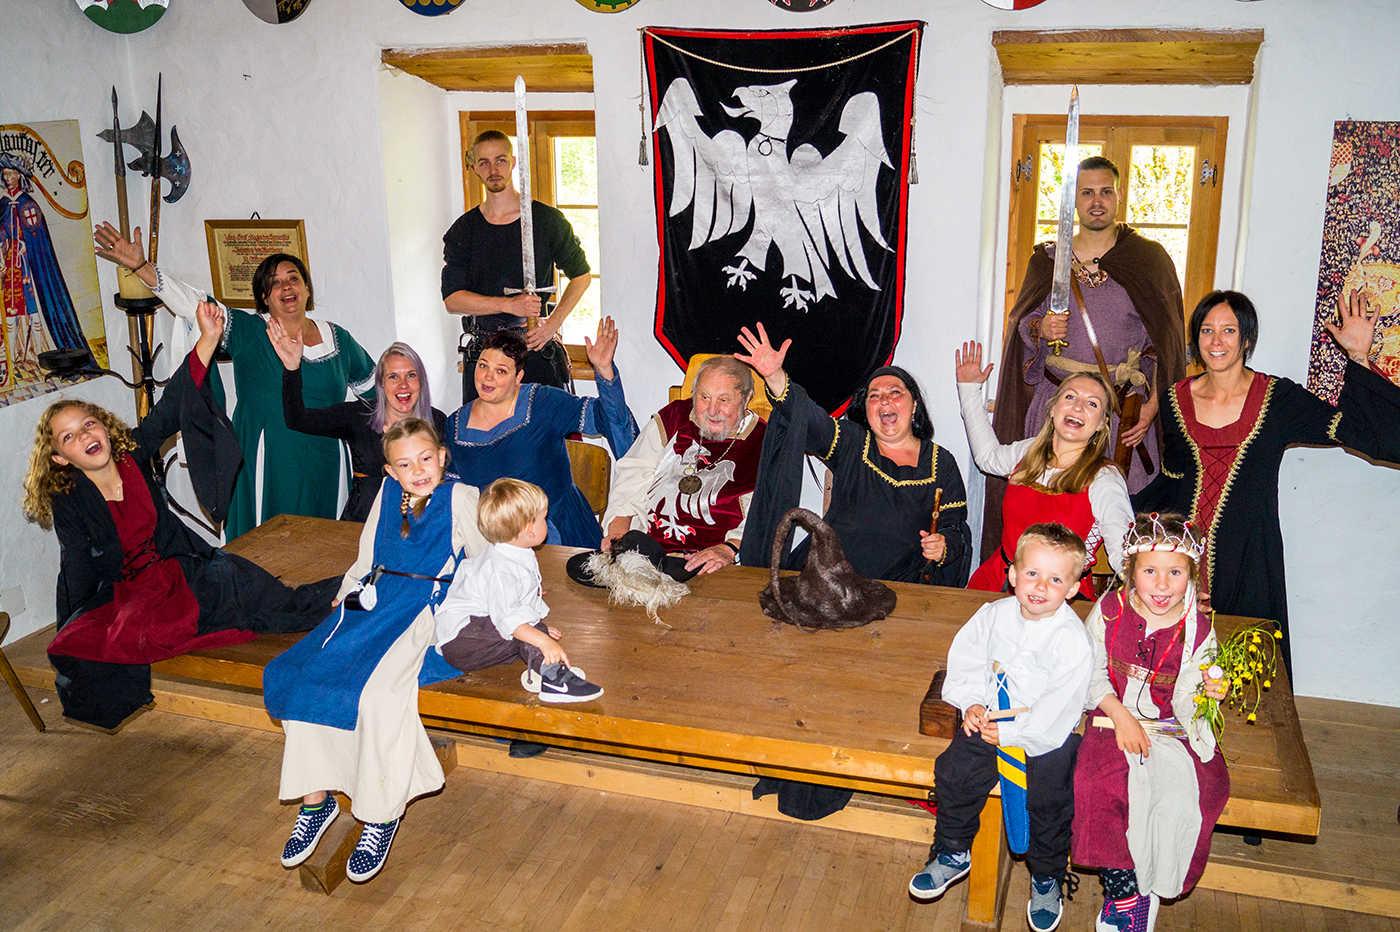 Das Burgfestteam